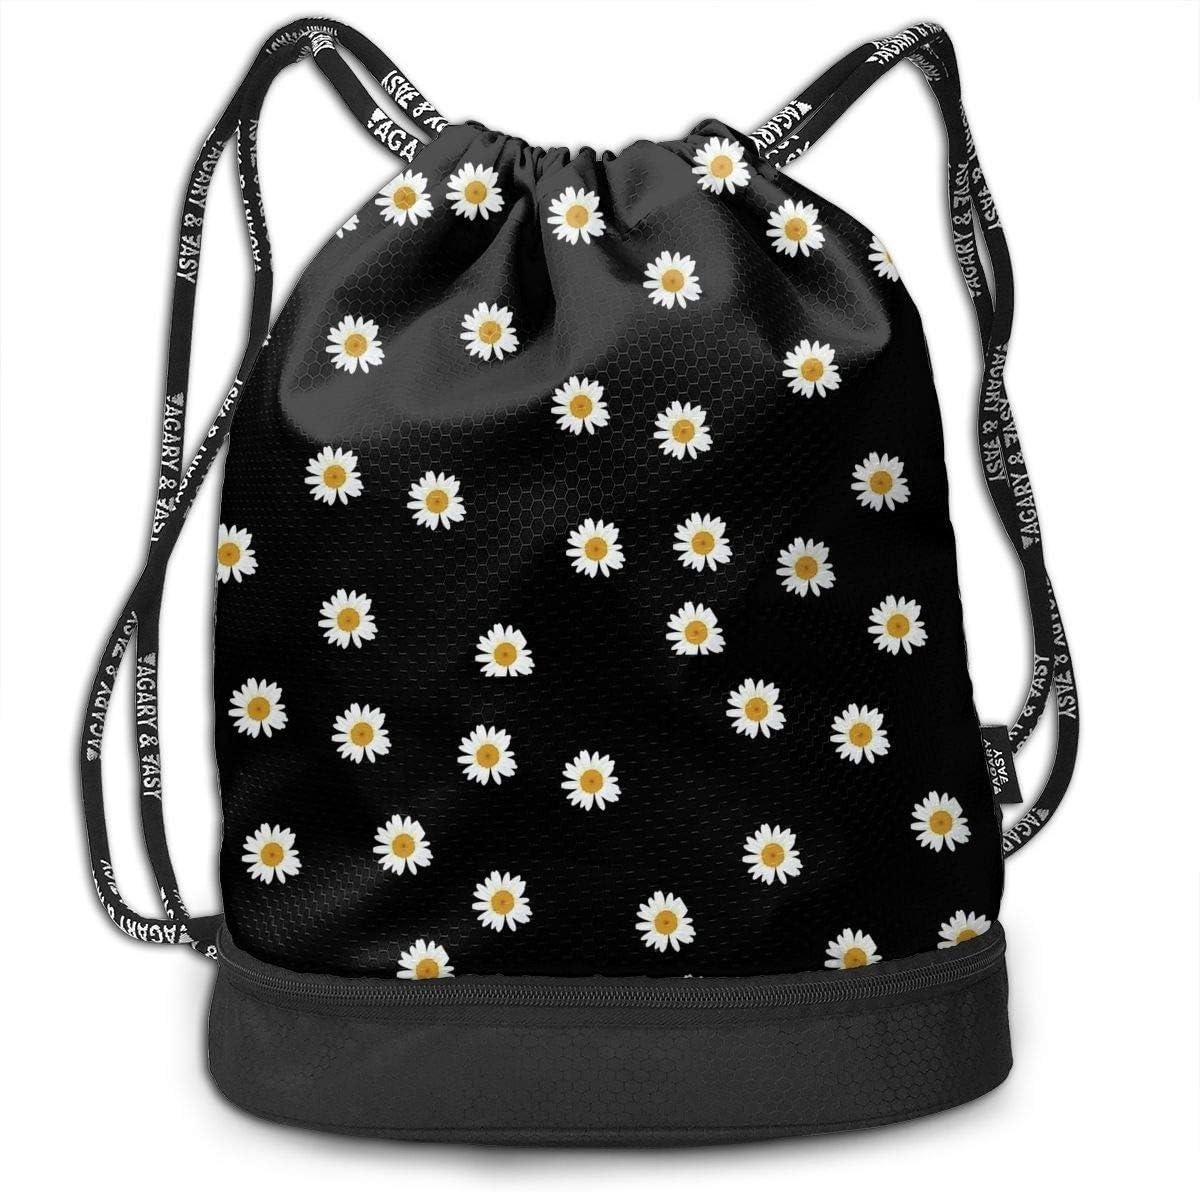 HUOPR5Q Sunflower Drawstring Backpack Sport Gym Sack Shoulder Bulk Bag Dance Bag for School Travel